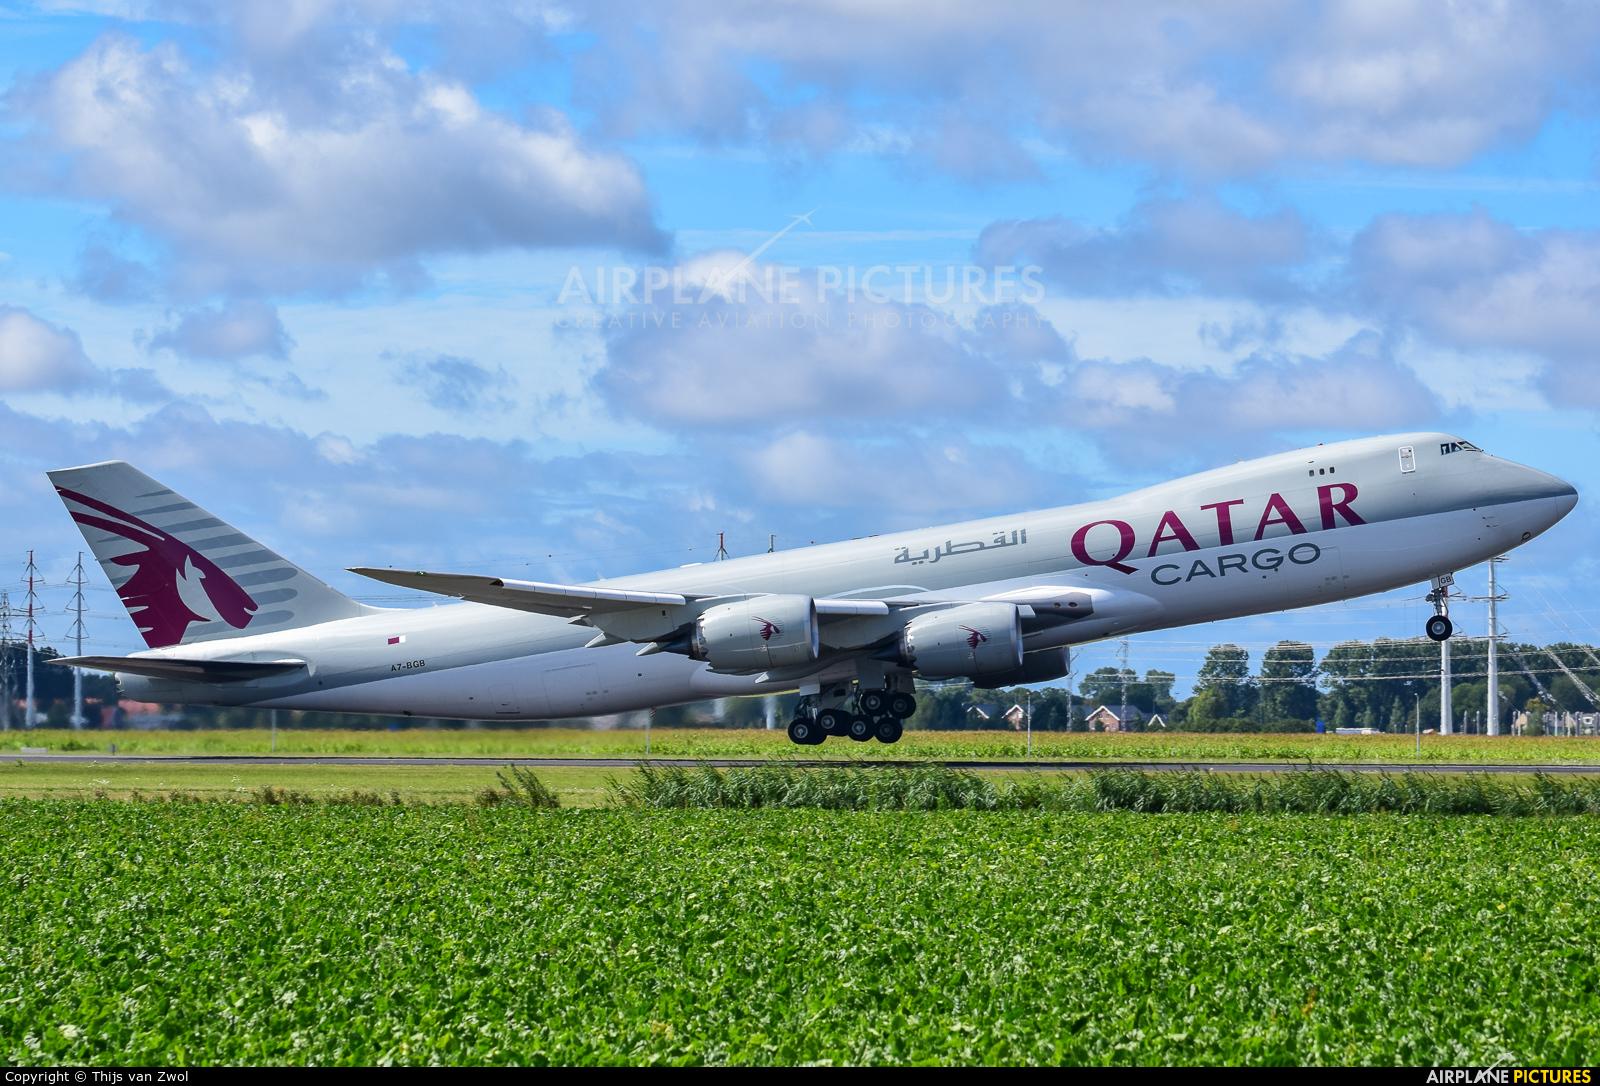 Qatar Airways Cargo A7-BGB aircraft at Amsterdam - Schiphol